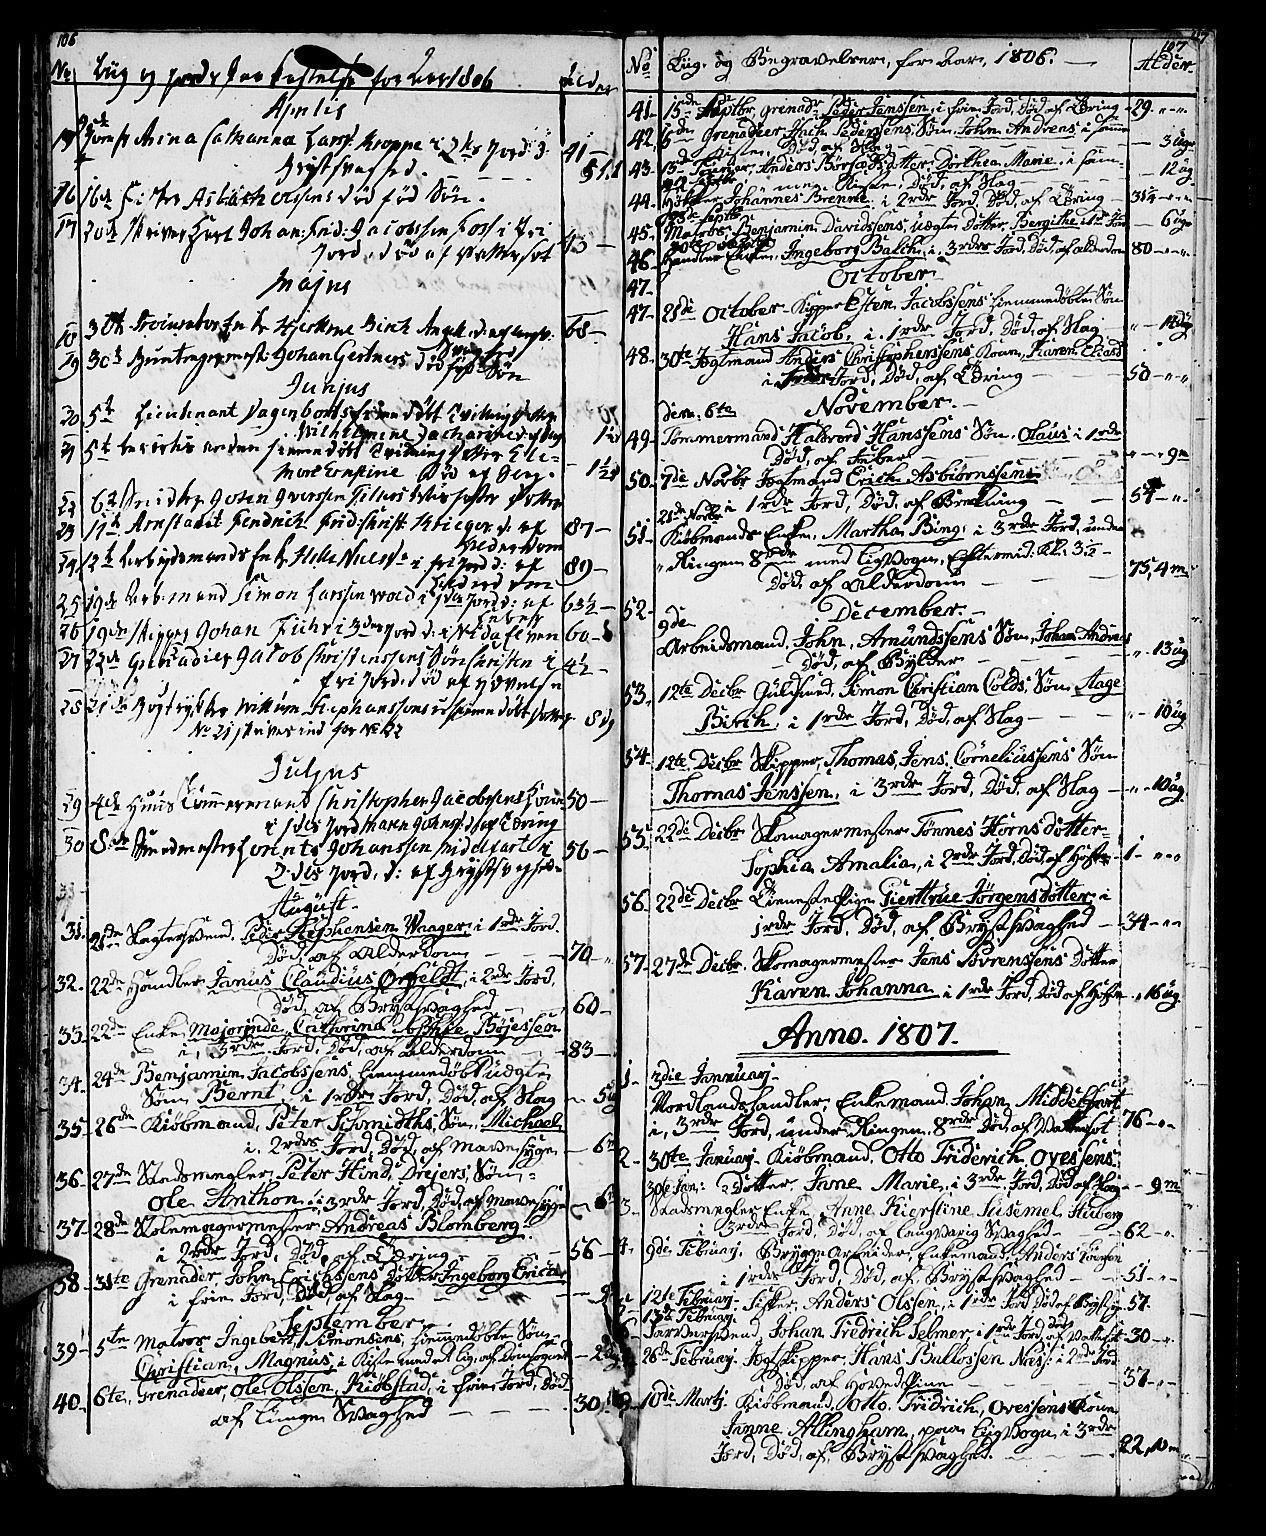 SAT, Ministerialprotokoller, klokkerbøker og fødselsregistre - Sør-Trøndelag, 602/L0134: Klokkerbok nr. 602C02, 1759-1812, s. 106-107